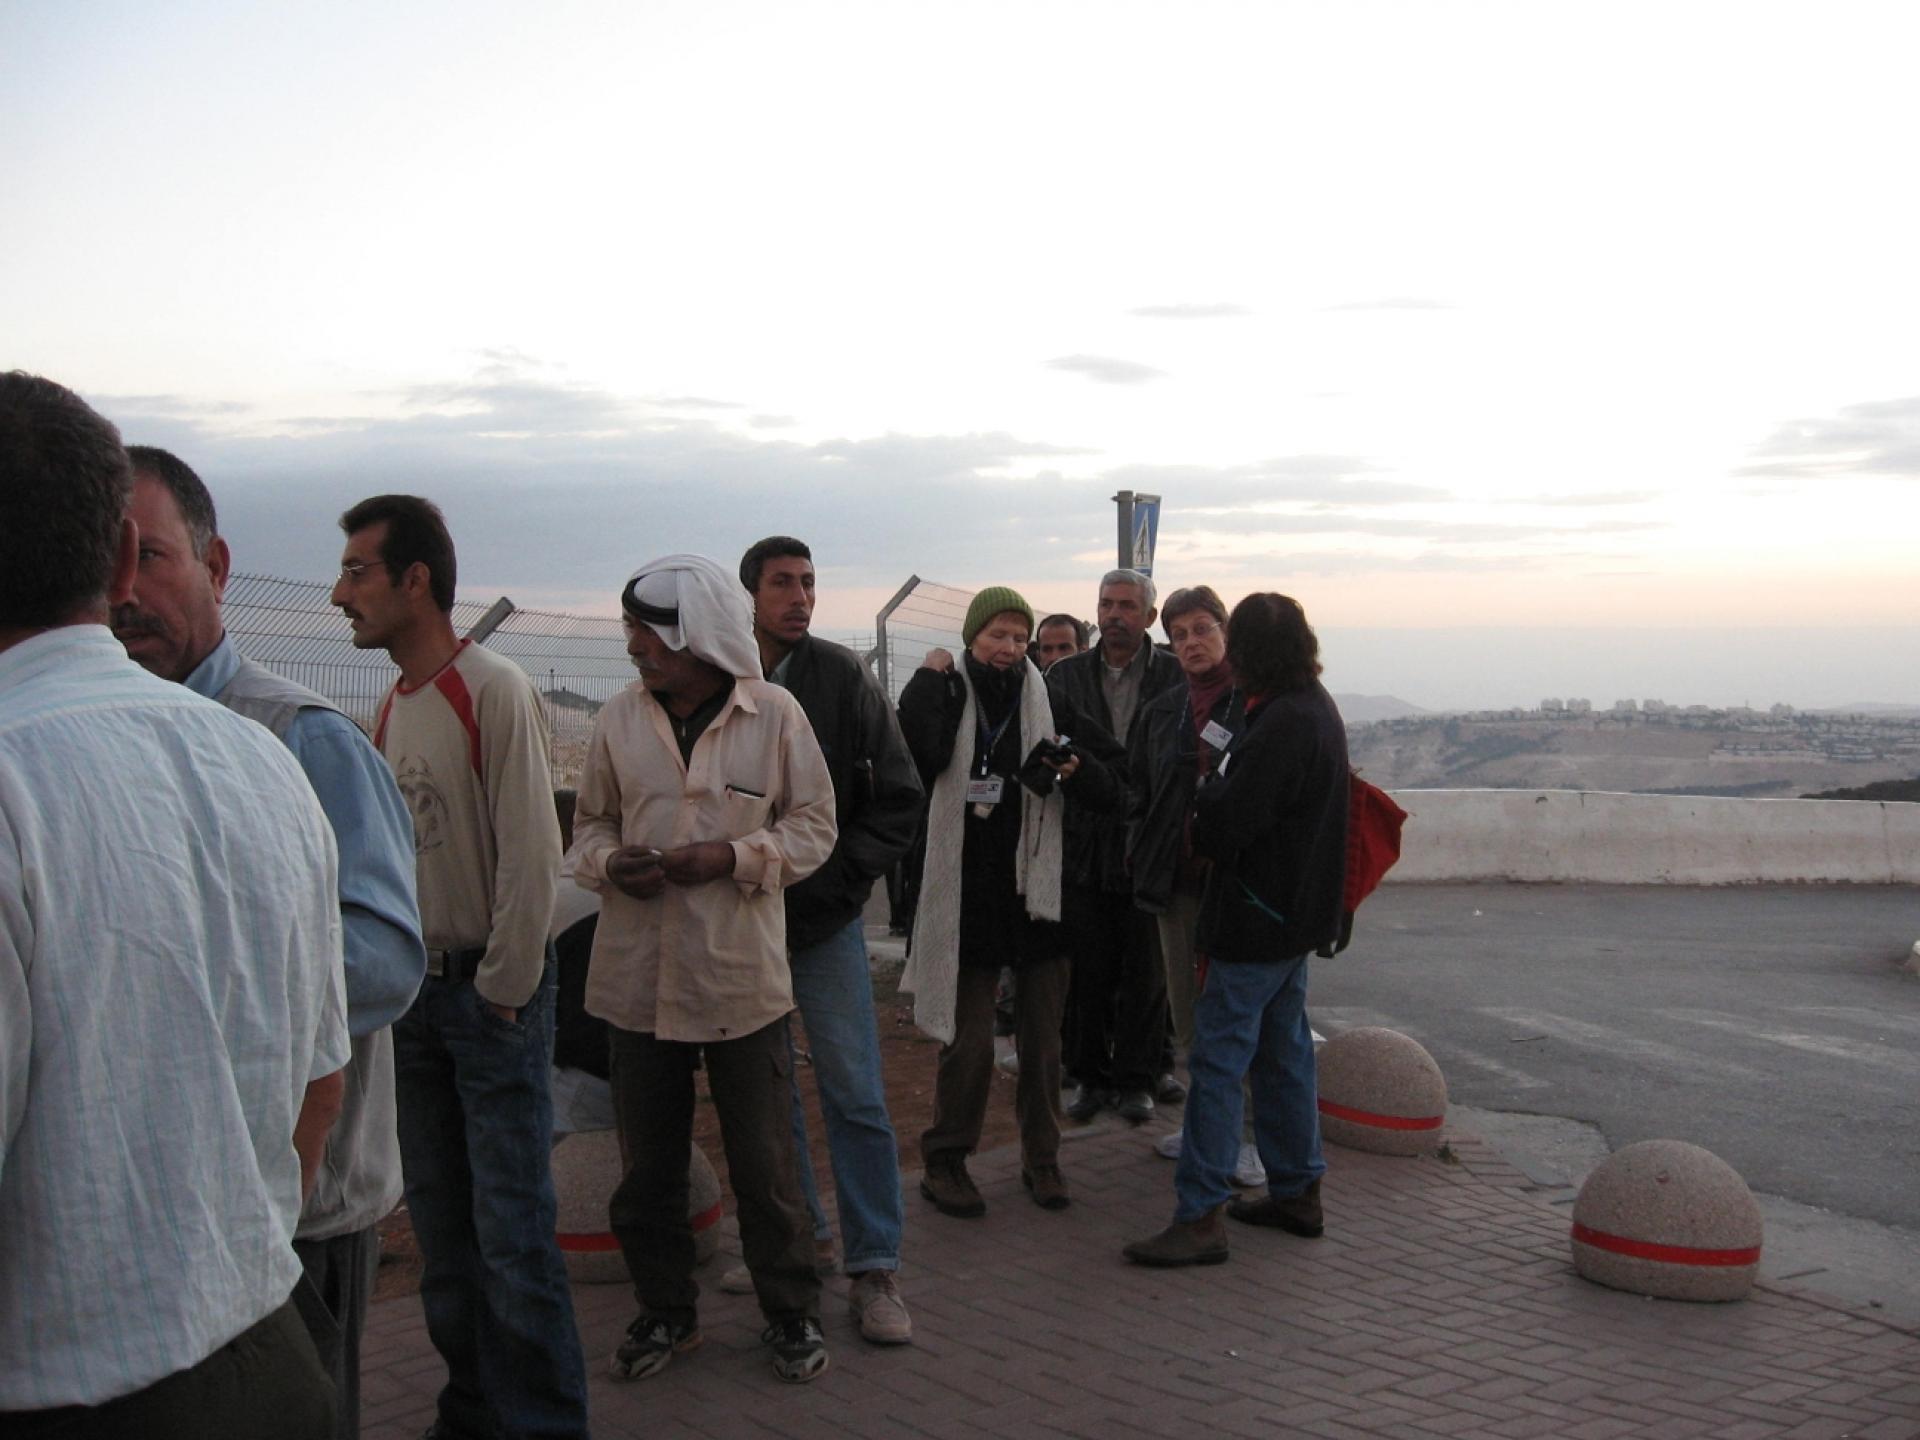 Ras Abu Sbeitan/Zeitim/zaytoun checkpoint 15.10.07